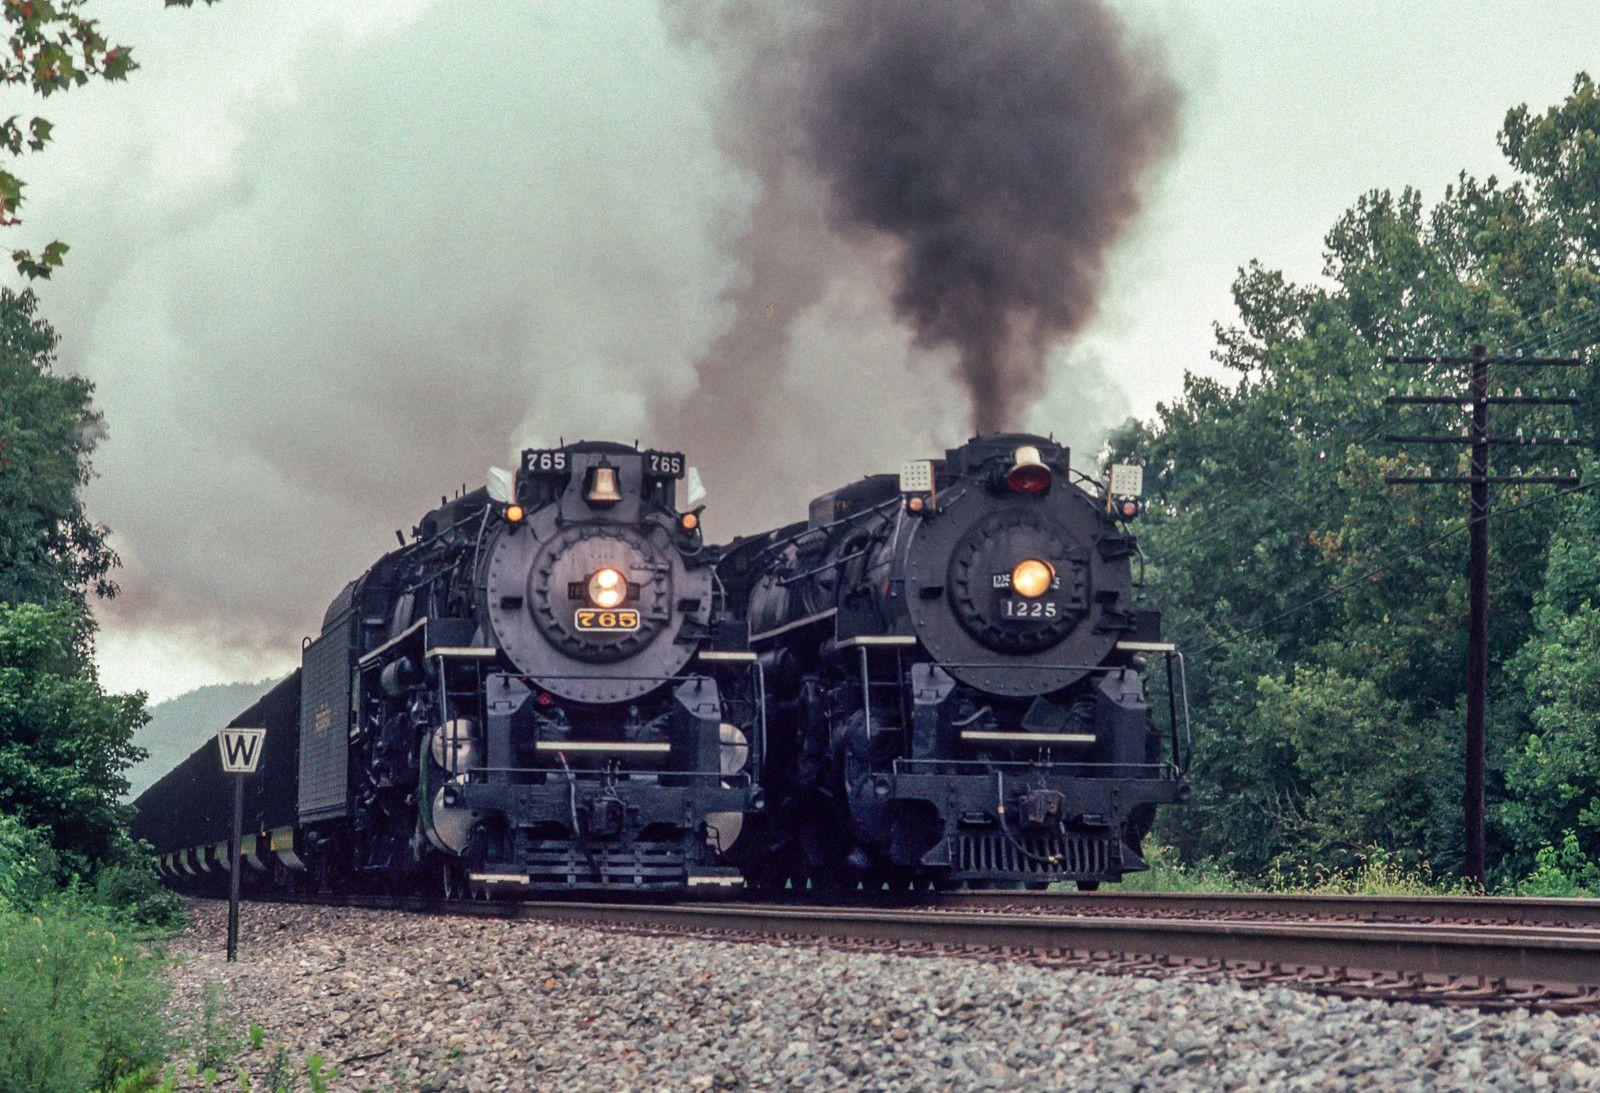 Nkp 765 Pm 1225 Hurricane Sbs X3 Jpg 1600 1093 Train Pictures Steam Trains Steam Locomotive